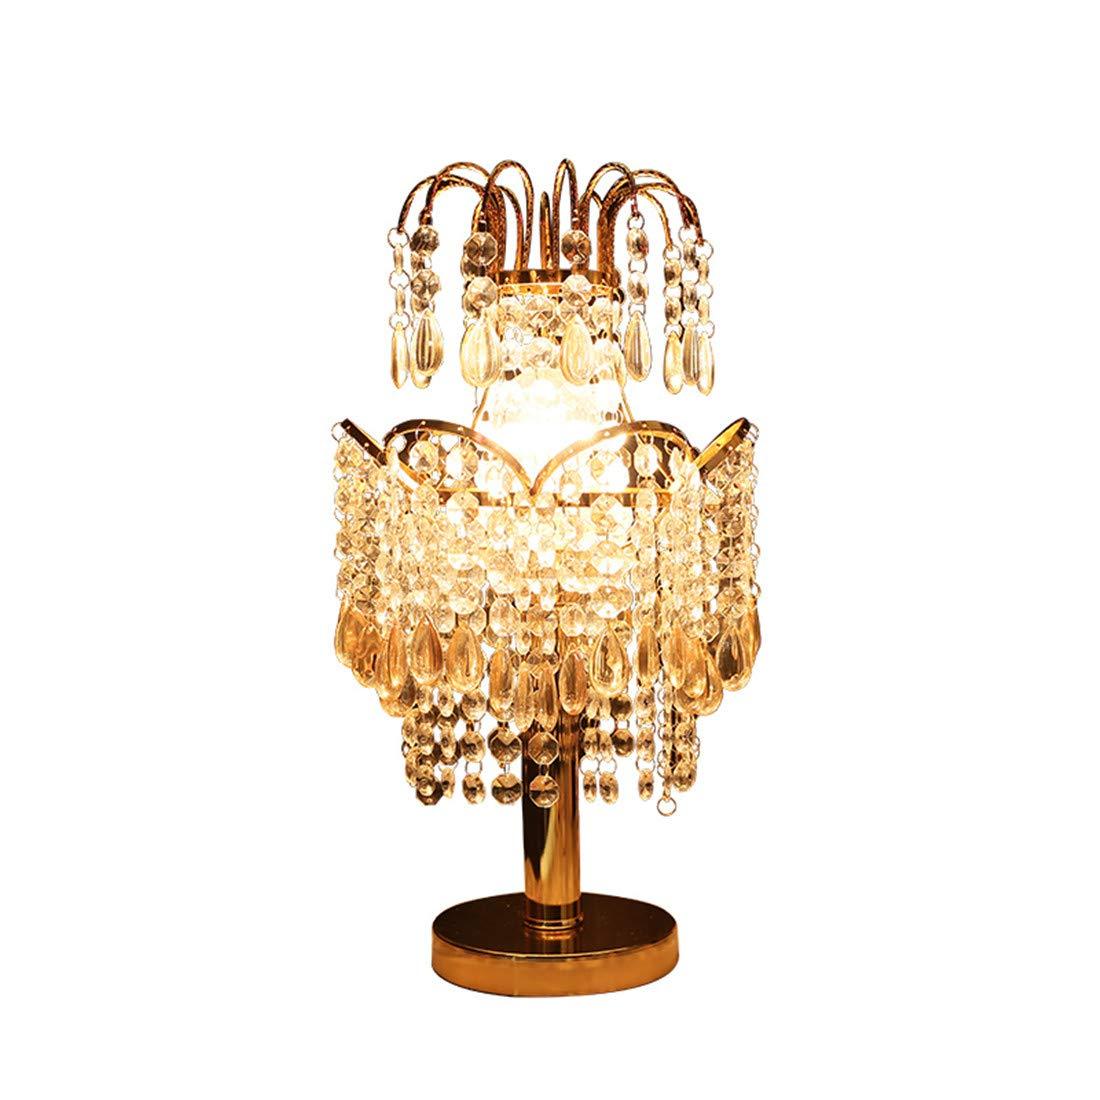 Kristall Anhänger Tischlampe Kronenform romantisch luxuriös E27 Netzschalter Schlafzimmer Nachttischlampe Mode Dekoration Handarbeit Geschenk Geben Gold 45  22cm